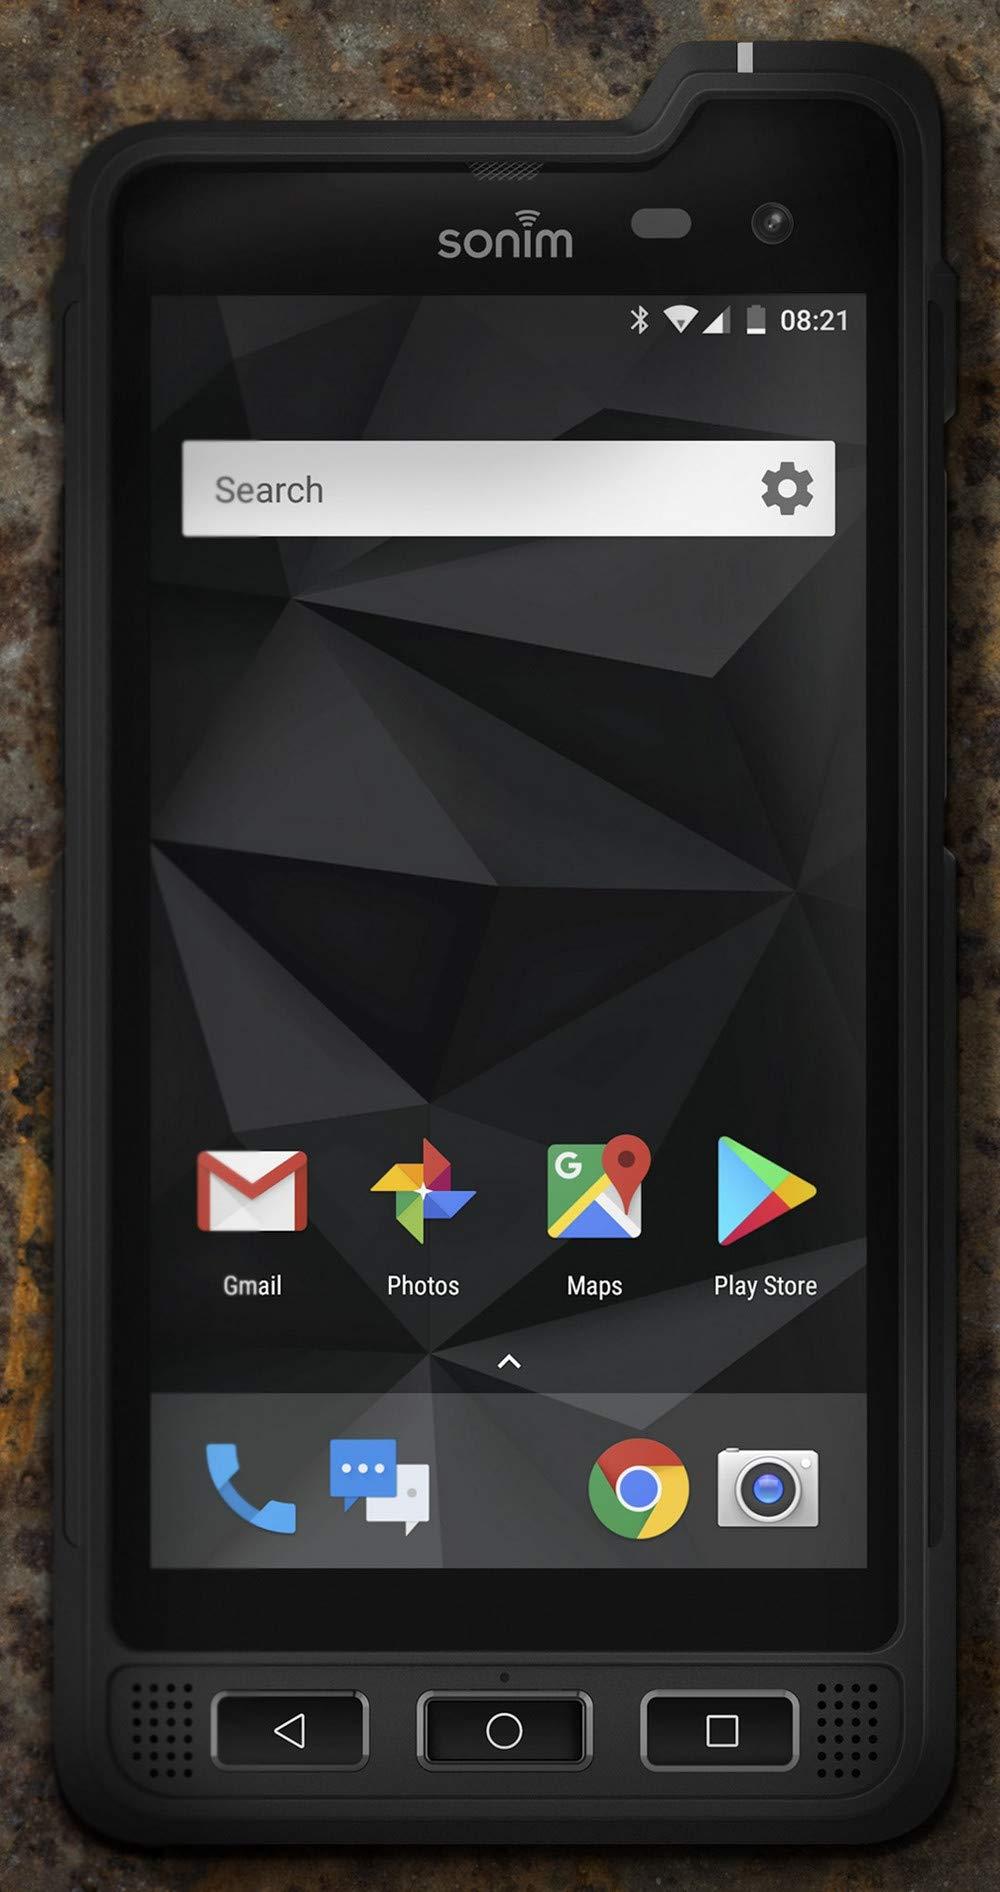 Sonim XP8 | Grade A+ | AT&T | Black | 64 GB | 5.0 in Screen (Renewed)